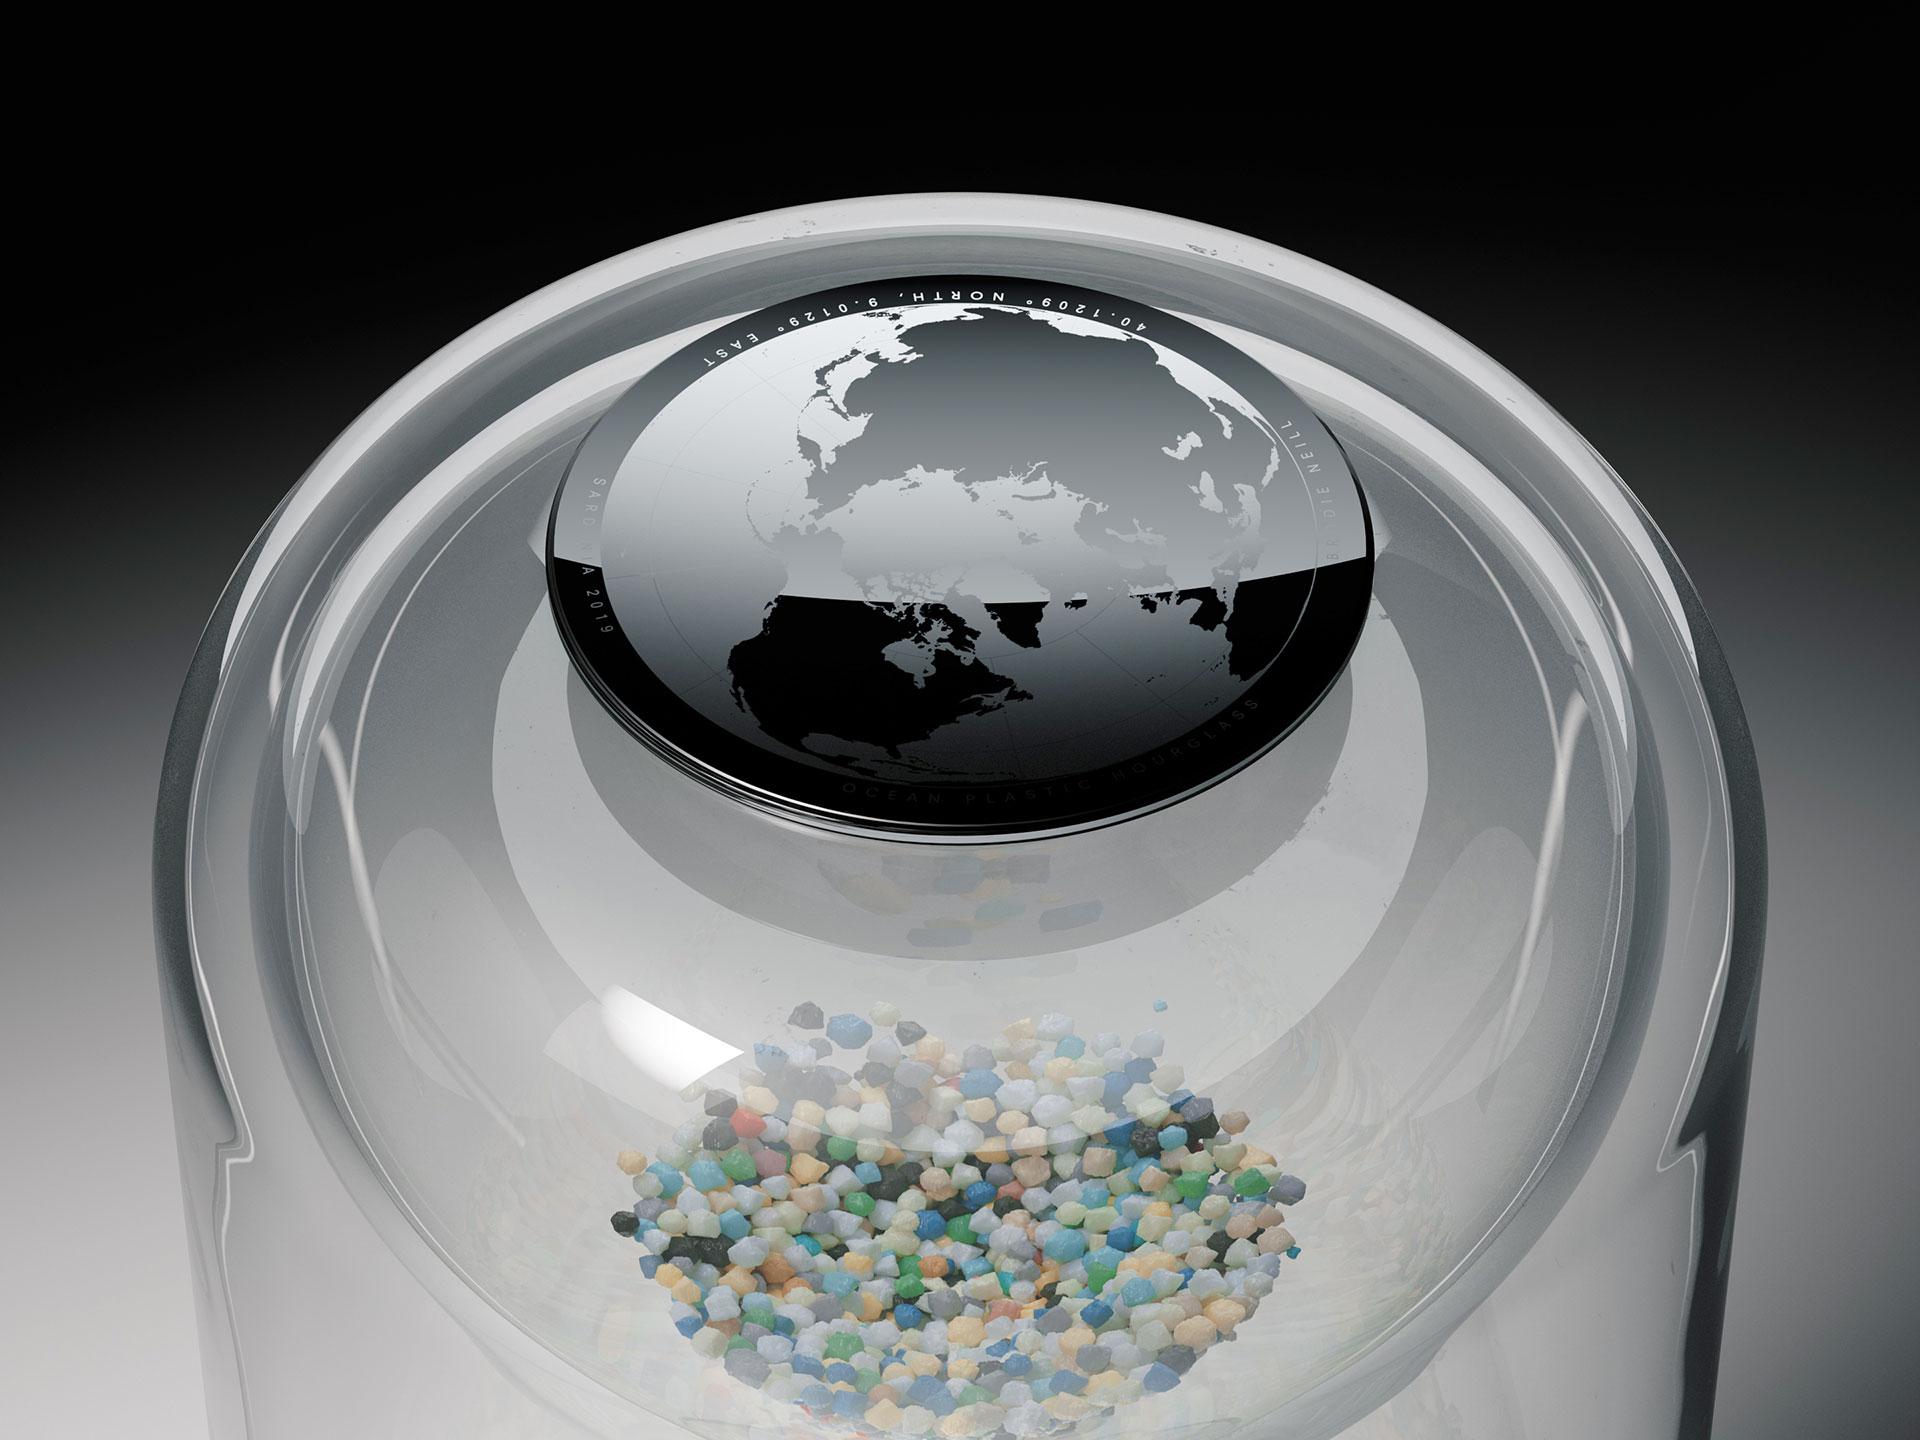 Московский музей дизайна: невероятный пластик на выставке экодизайна